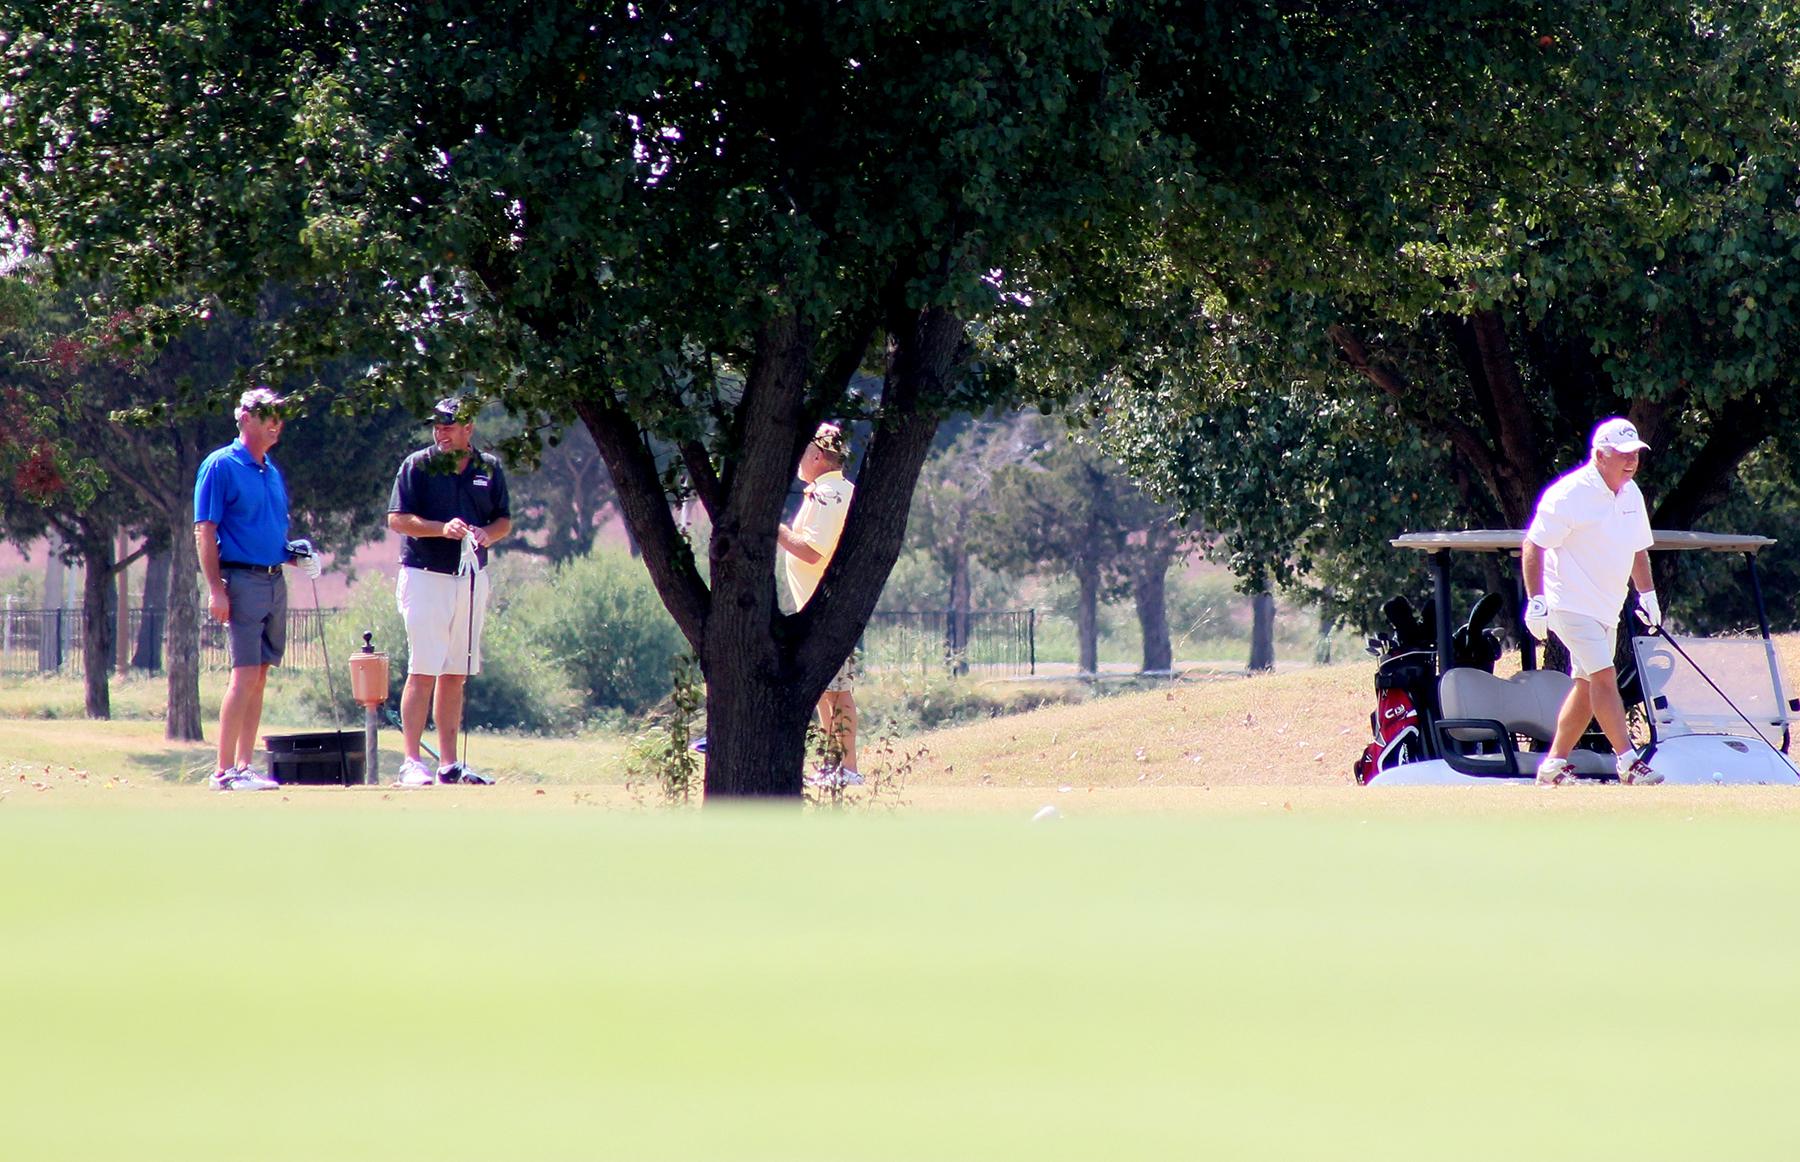 067-nari golf 2017 131